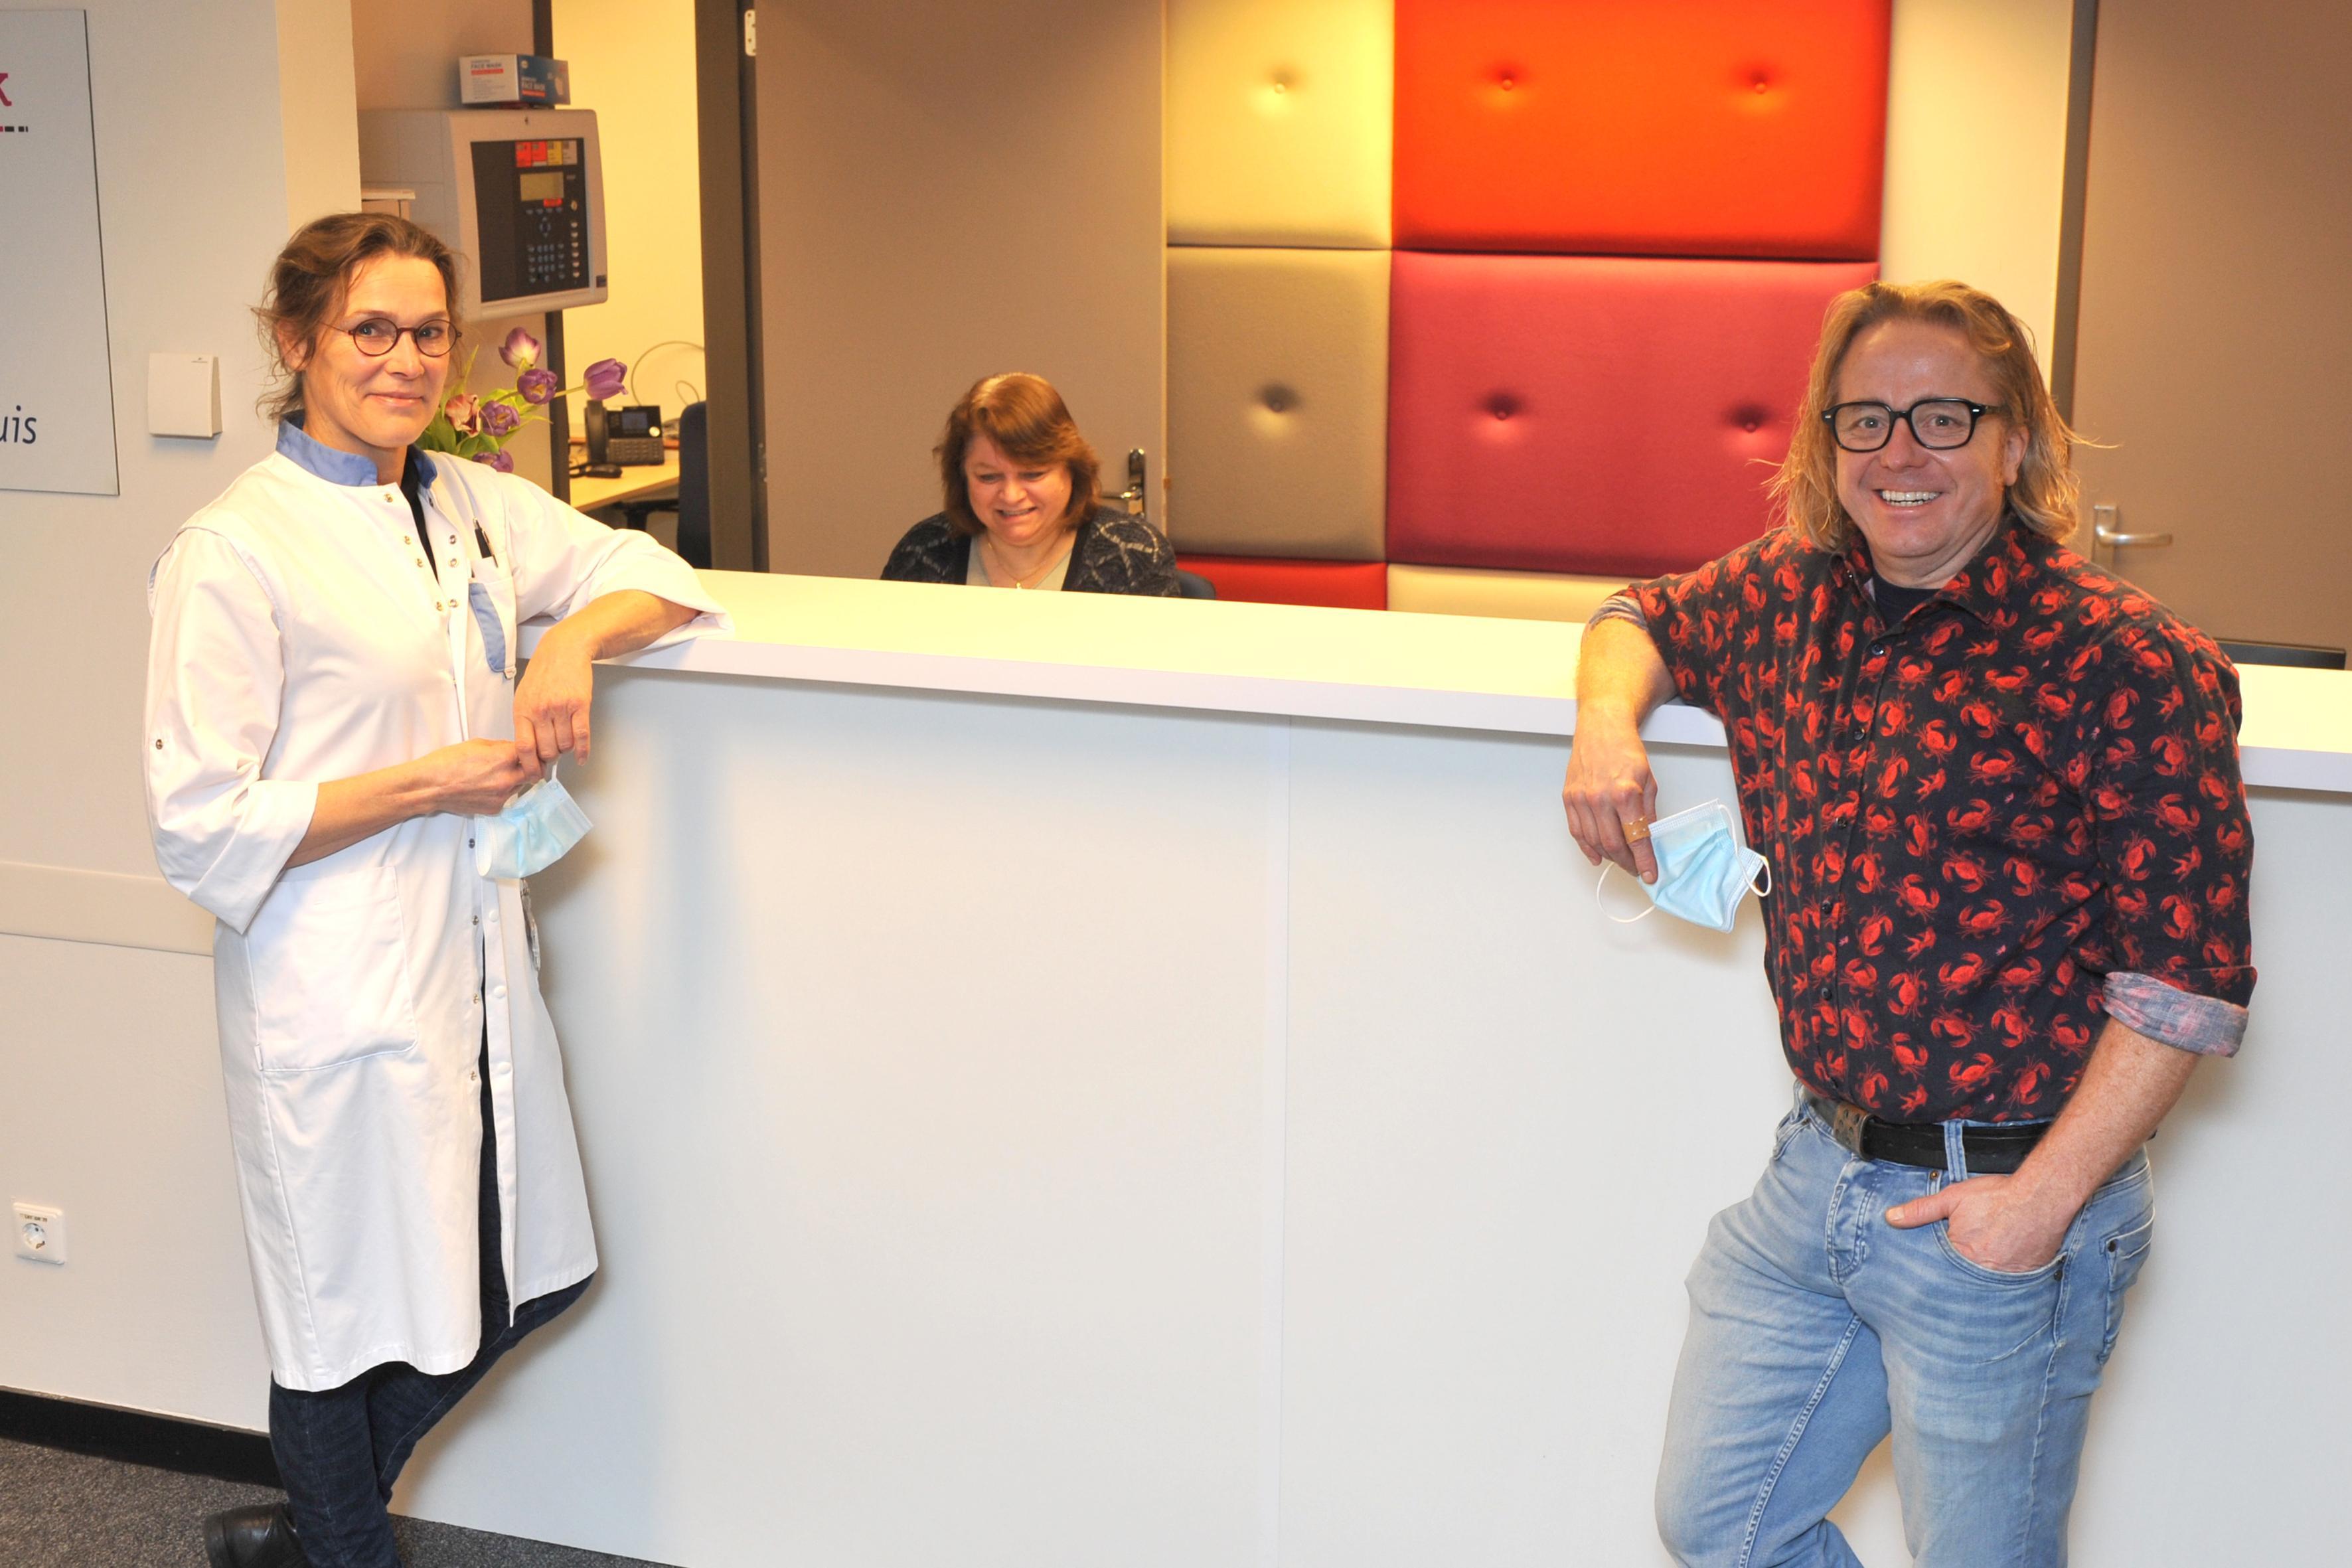 Het Rode Kruis Ziekenhuis Slaapcentrum groeide uit zijn jasje en is daarom naar Heemskerk verhuisd. 'Buitenkans om alles wat we doen opnieuw in te richten', zegt longarts Erik Kapteijns